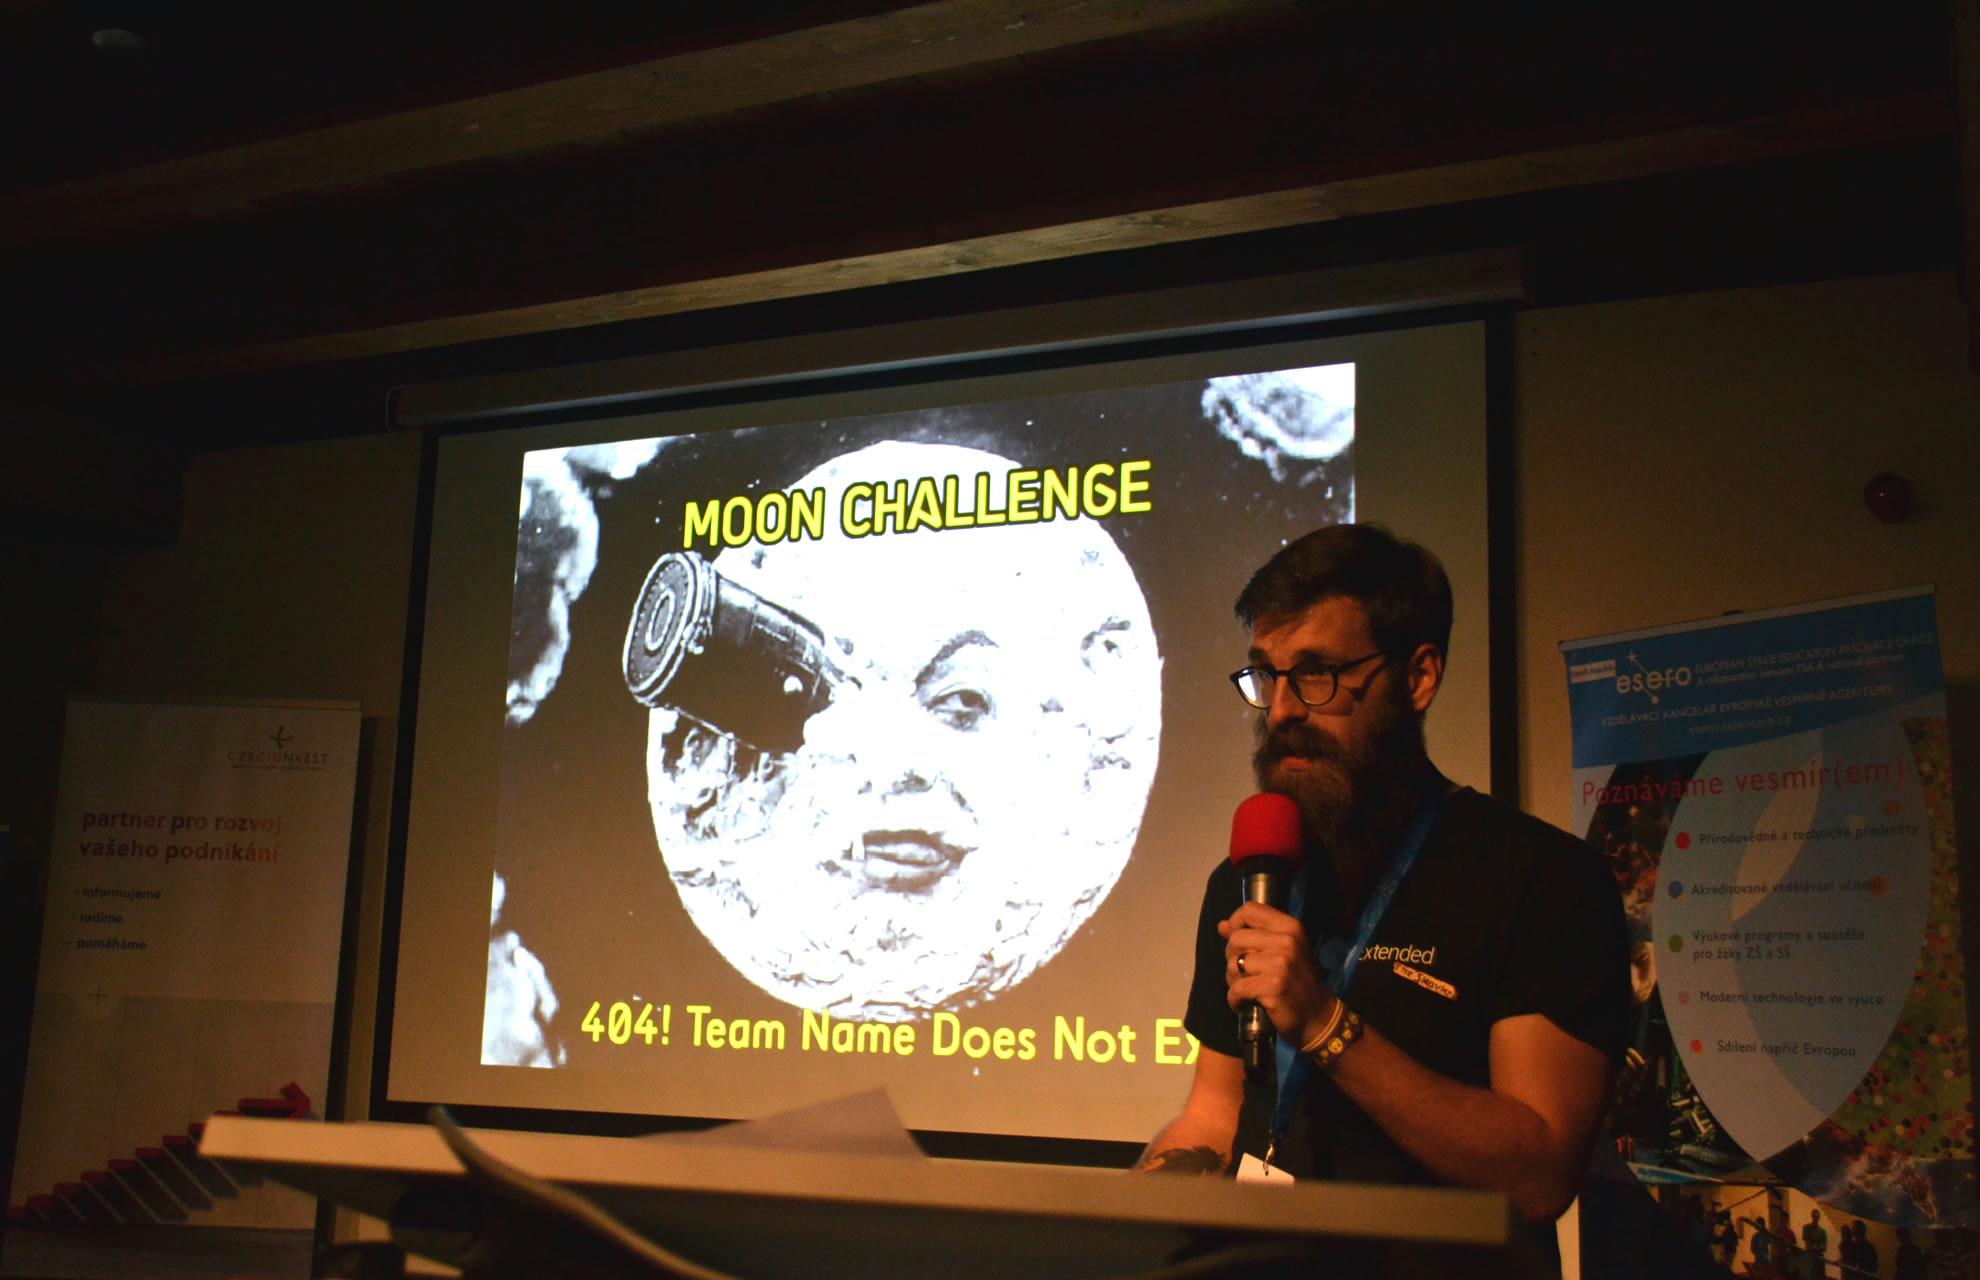 Prezentace vítězného projektu, na fotografii Michal Gabčo z týmu 404! / foto Tomáš Pour, katedra geoinformatiky UPOL